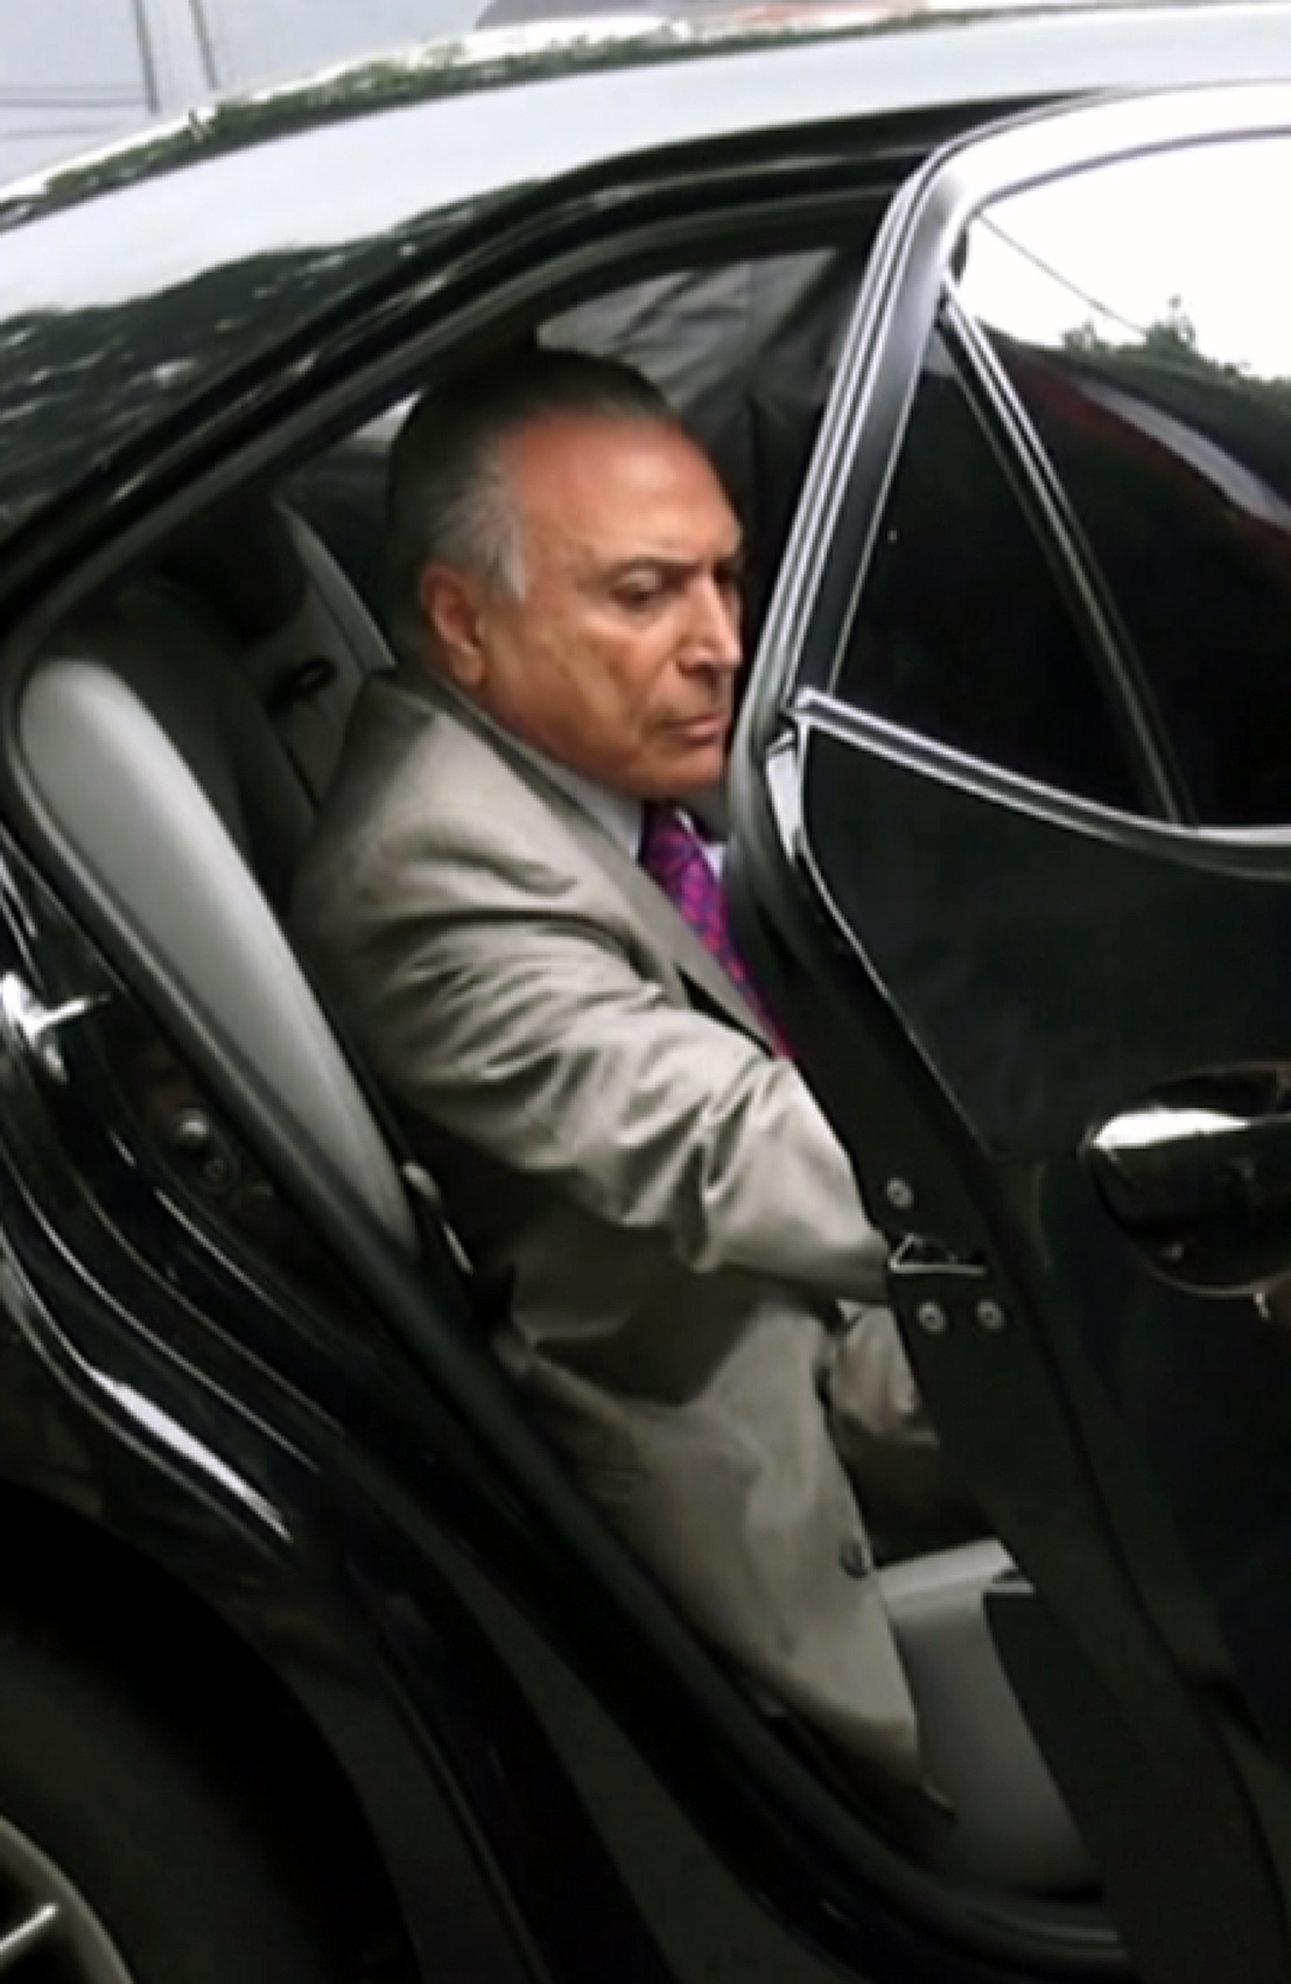 Temer vira réu por corrupção no caso da mala, envolvendo Rocha